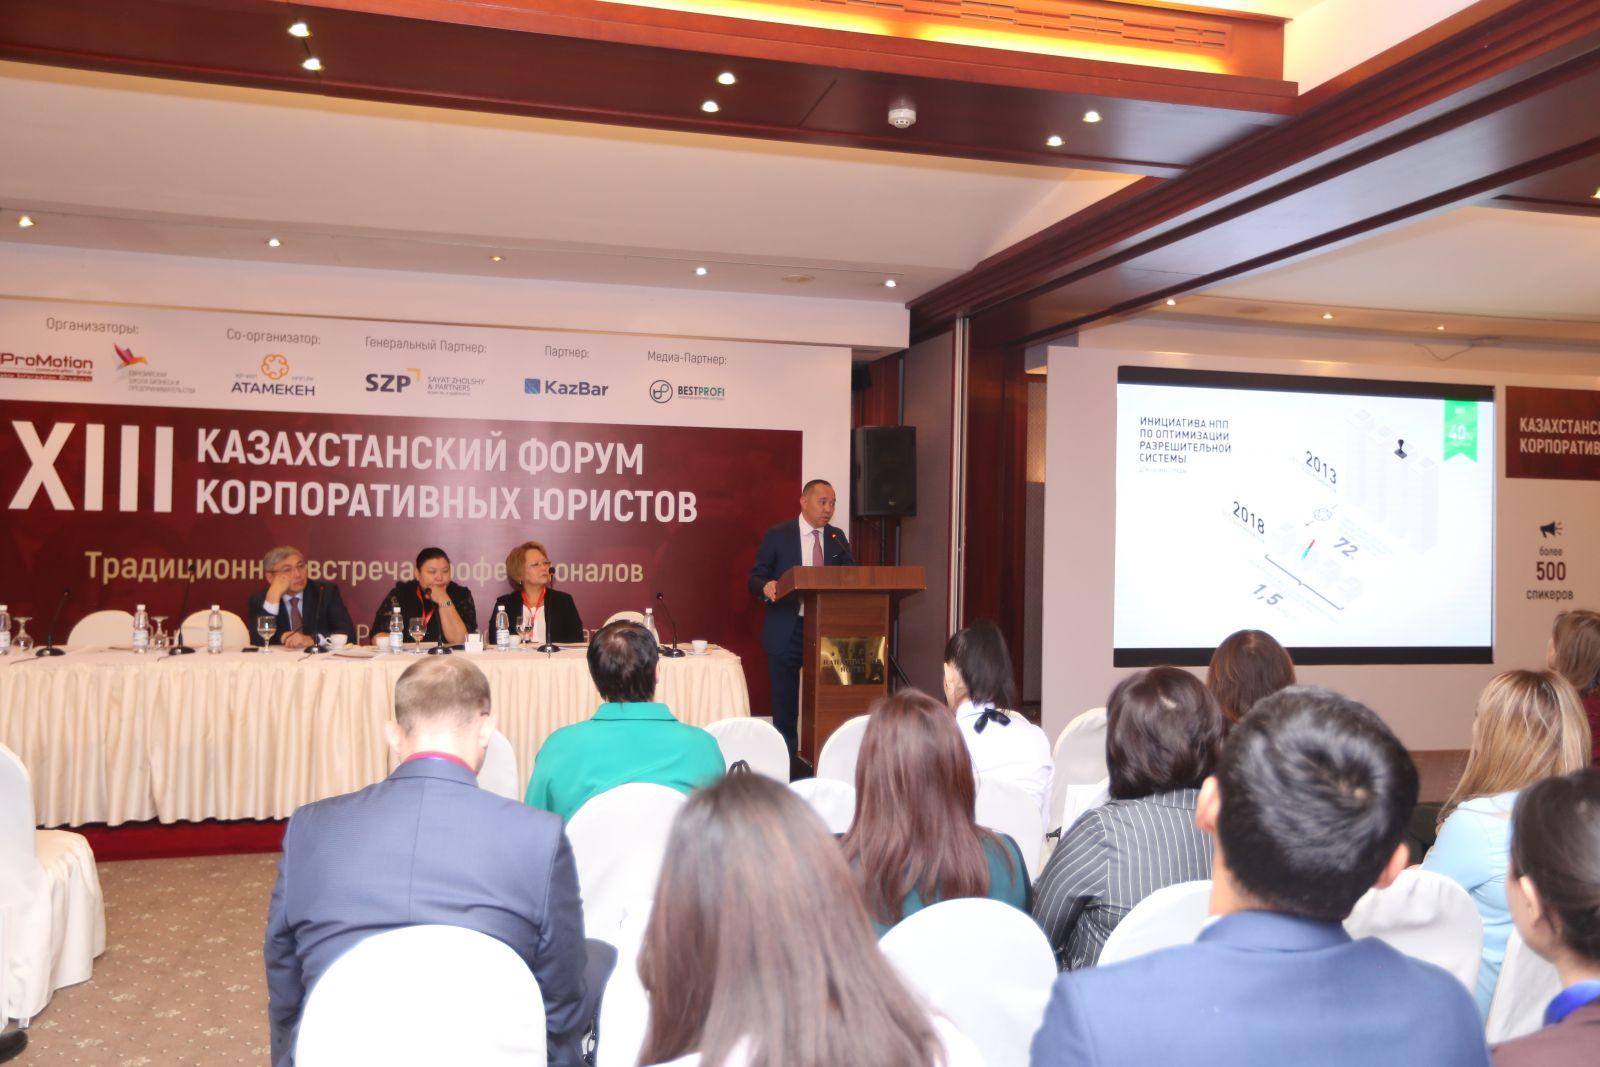 НПП призывает внедрять достижения ИИ в казахстанскую юриспруденцию